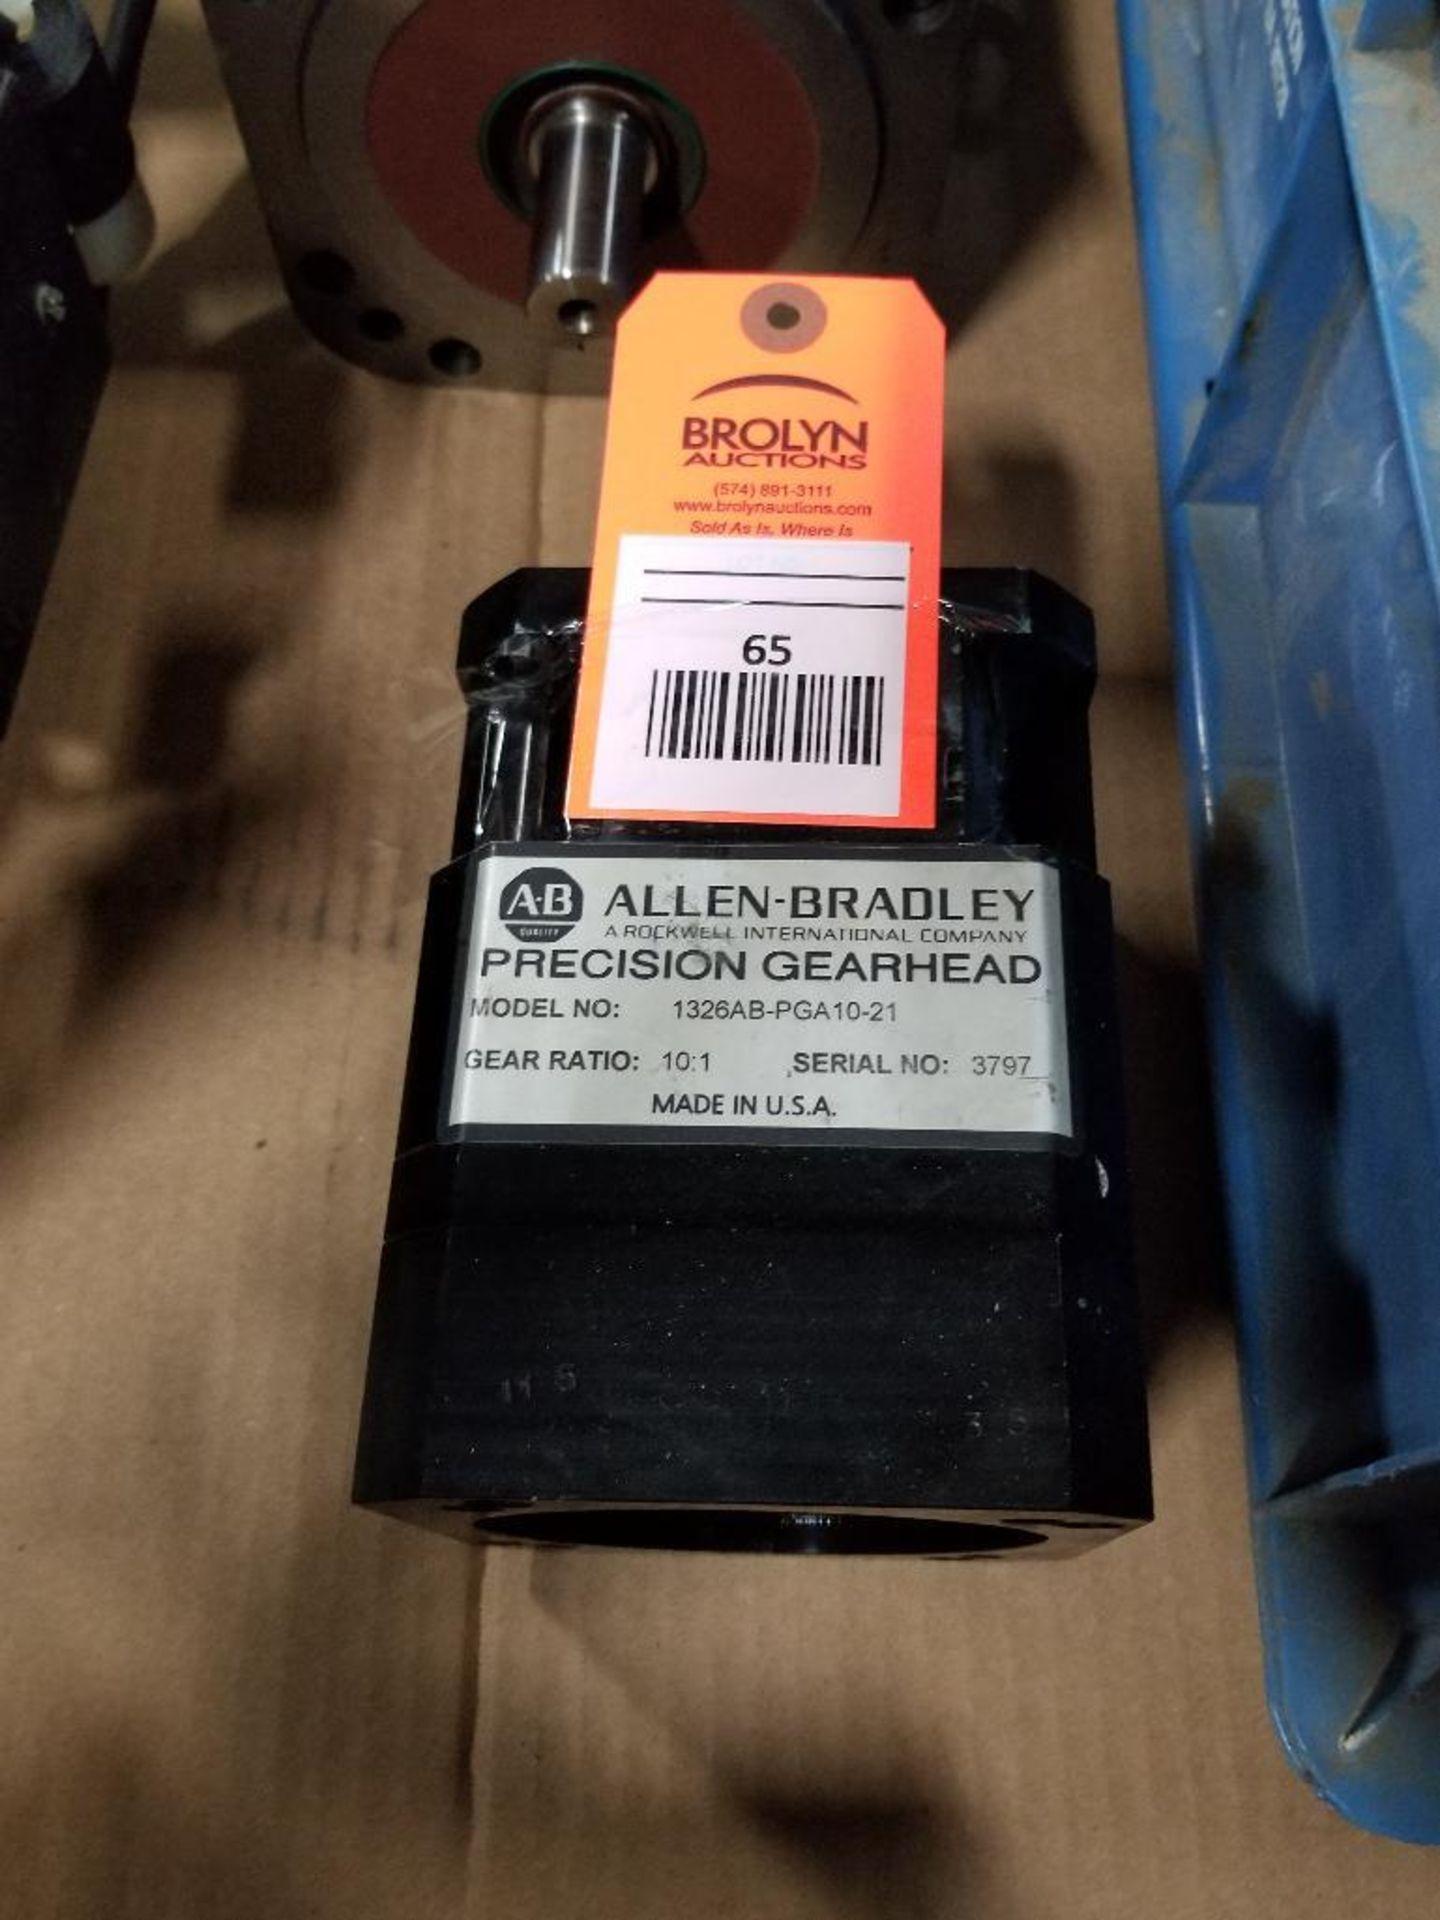 Allen Bradley 1326AB-PGA10-21 Precision Gearhead. 10:1-Raito, Made in USA.